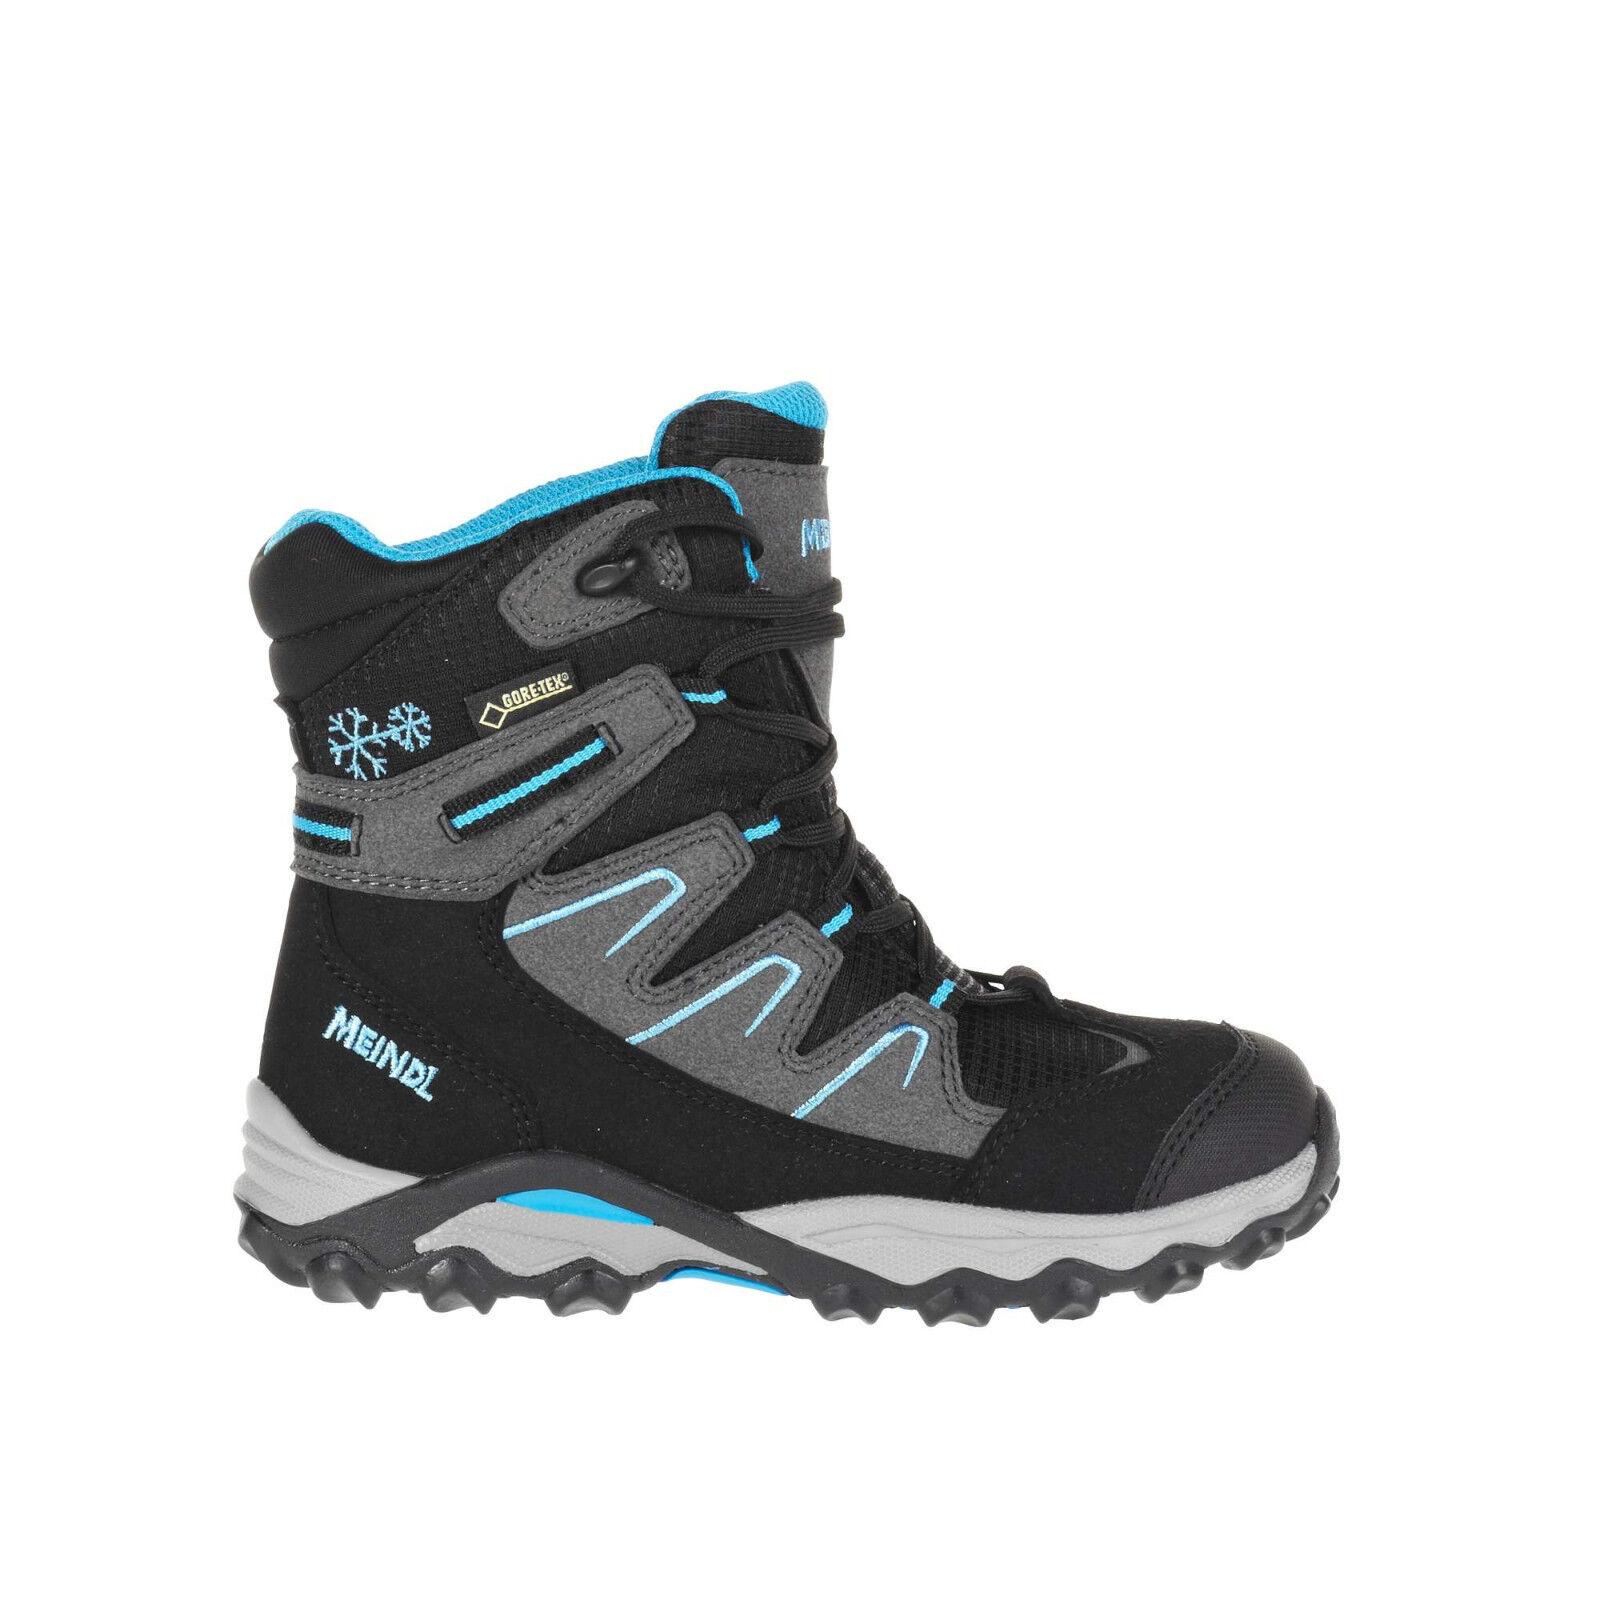 Meindl niños invierno zapatos, zapatos de invierno invierno Storm junior GTX 29 impermeable